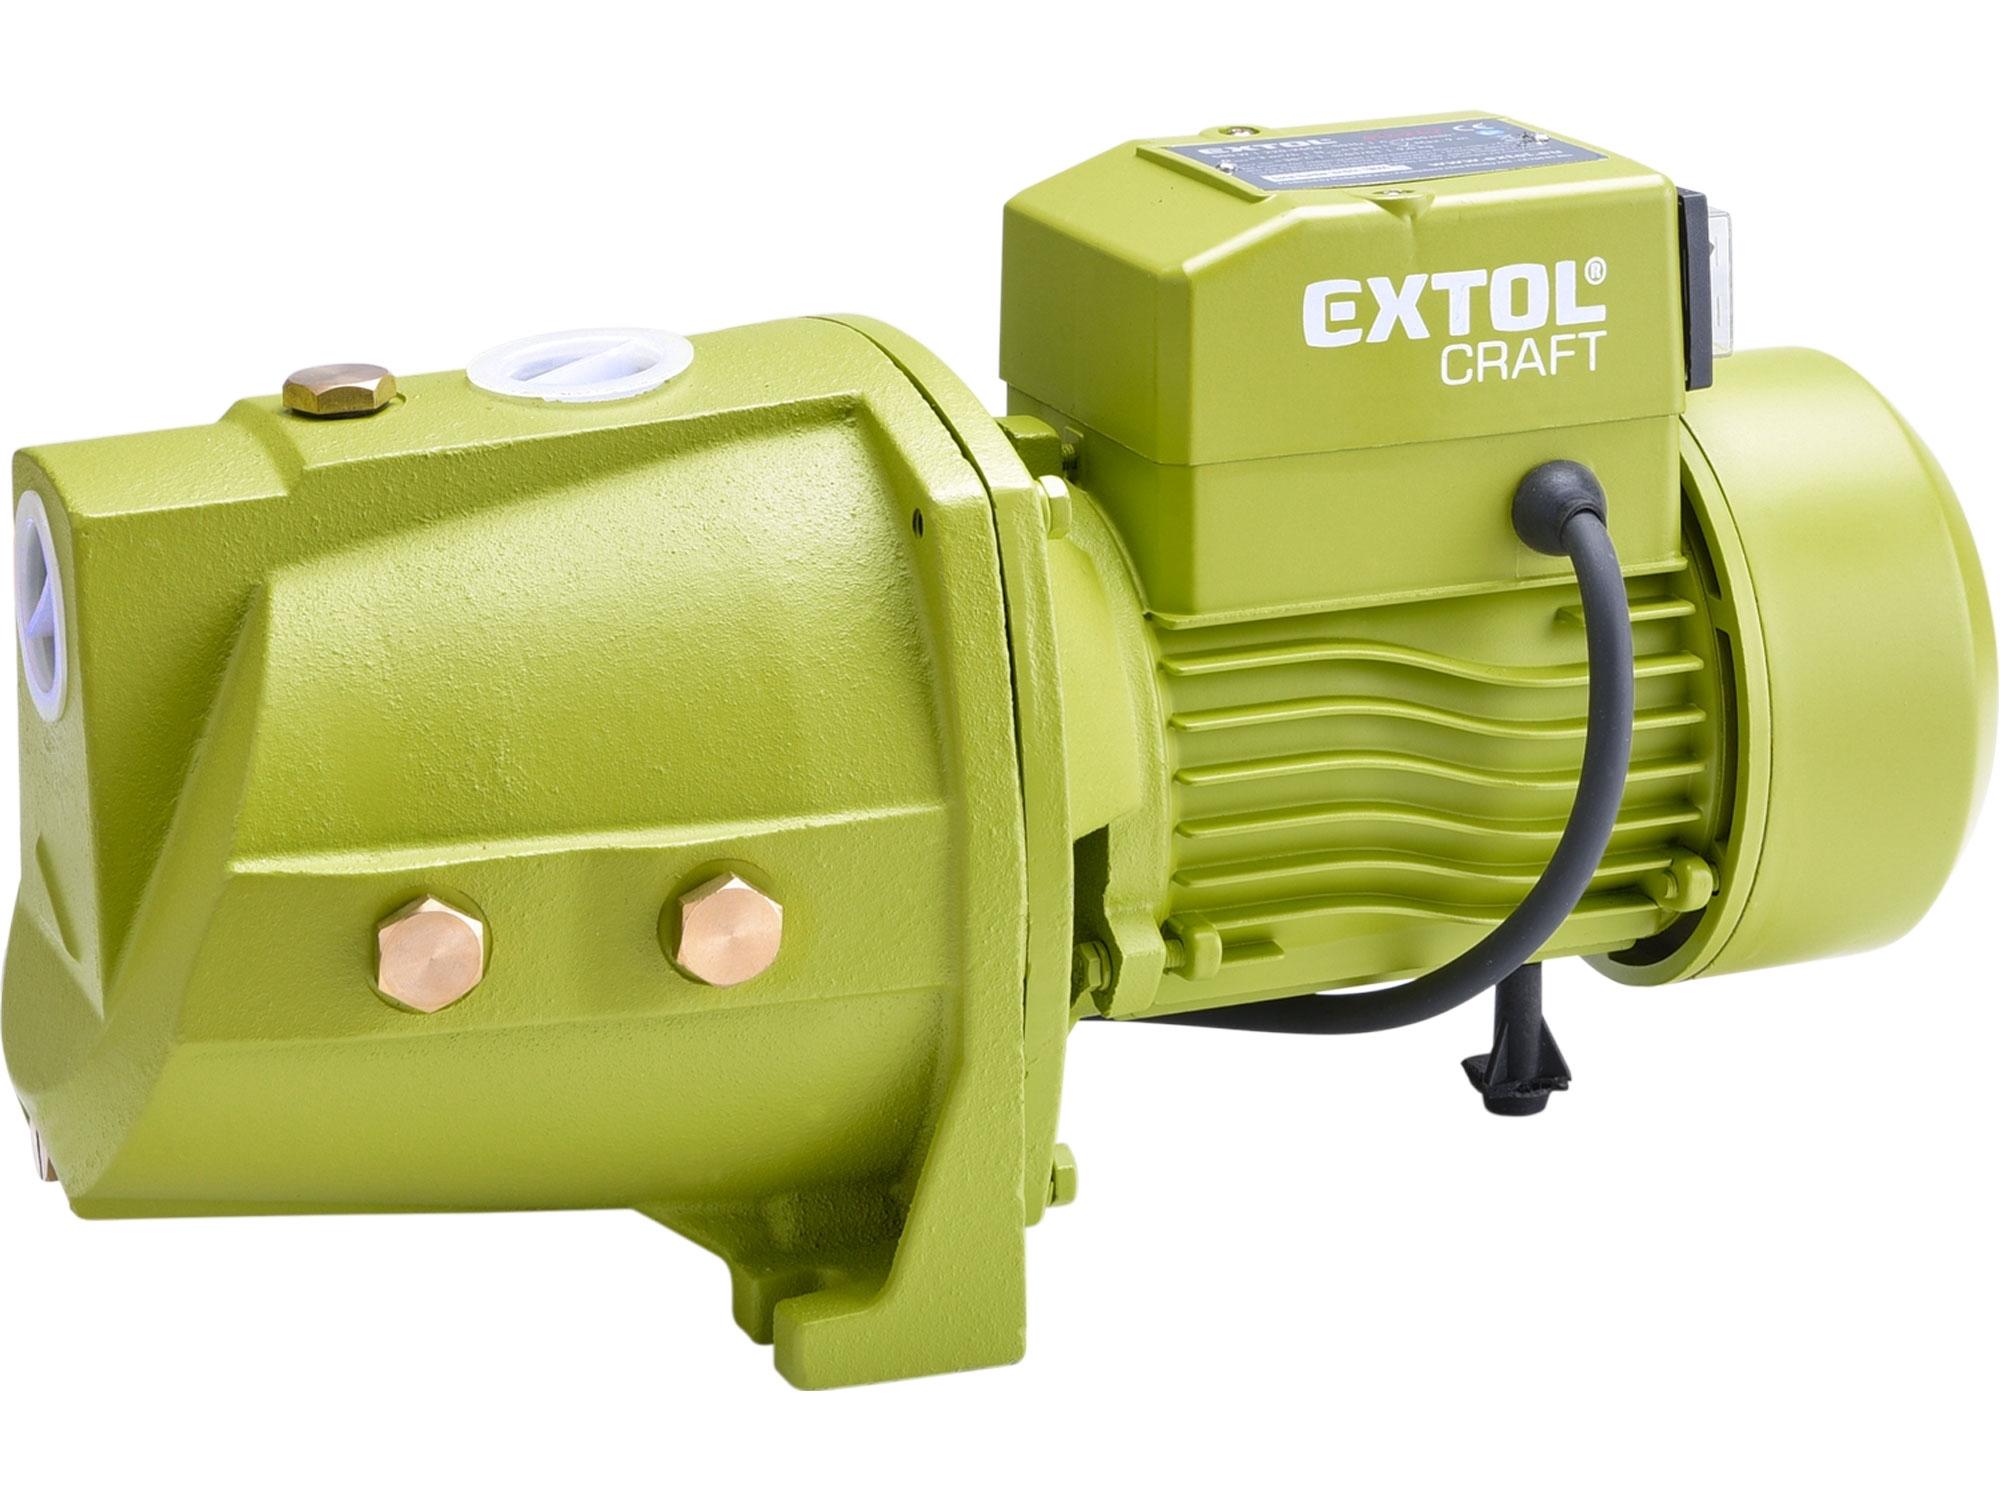 čerpadlo proudové, 500W, 3080l/hod, EXTOL CRAFT  414262